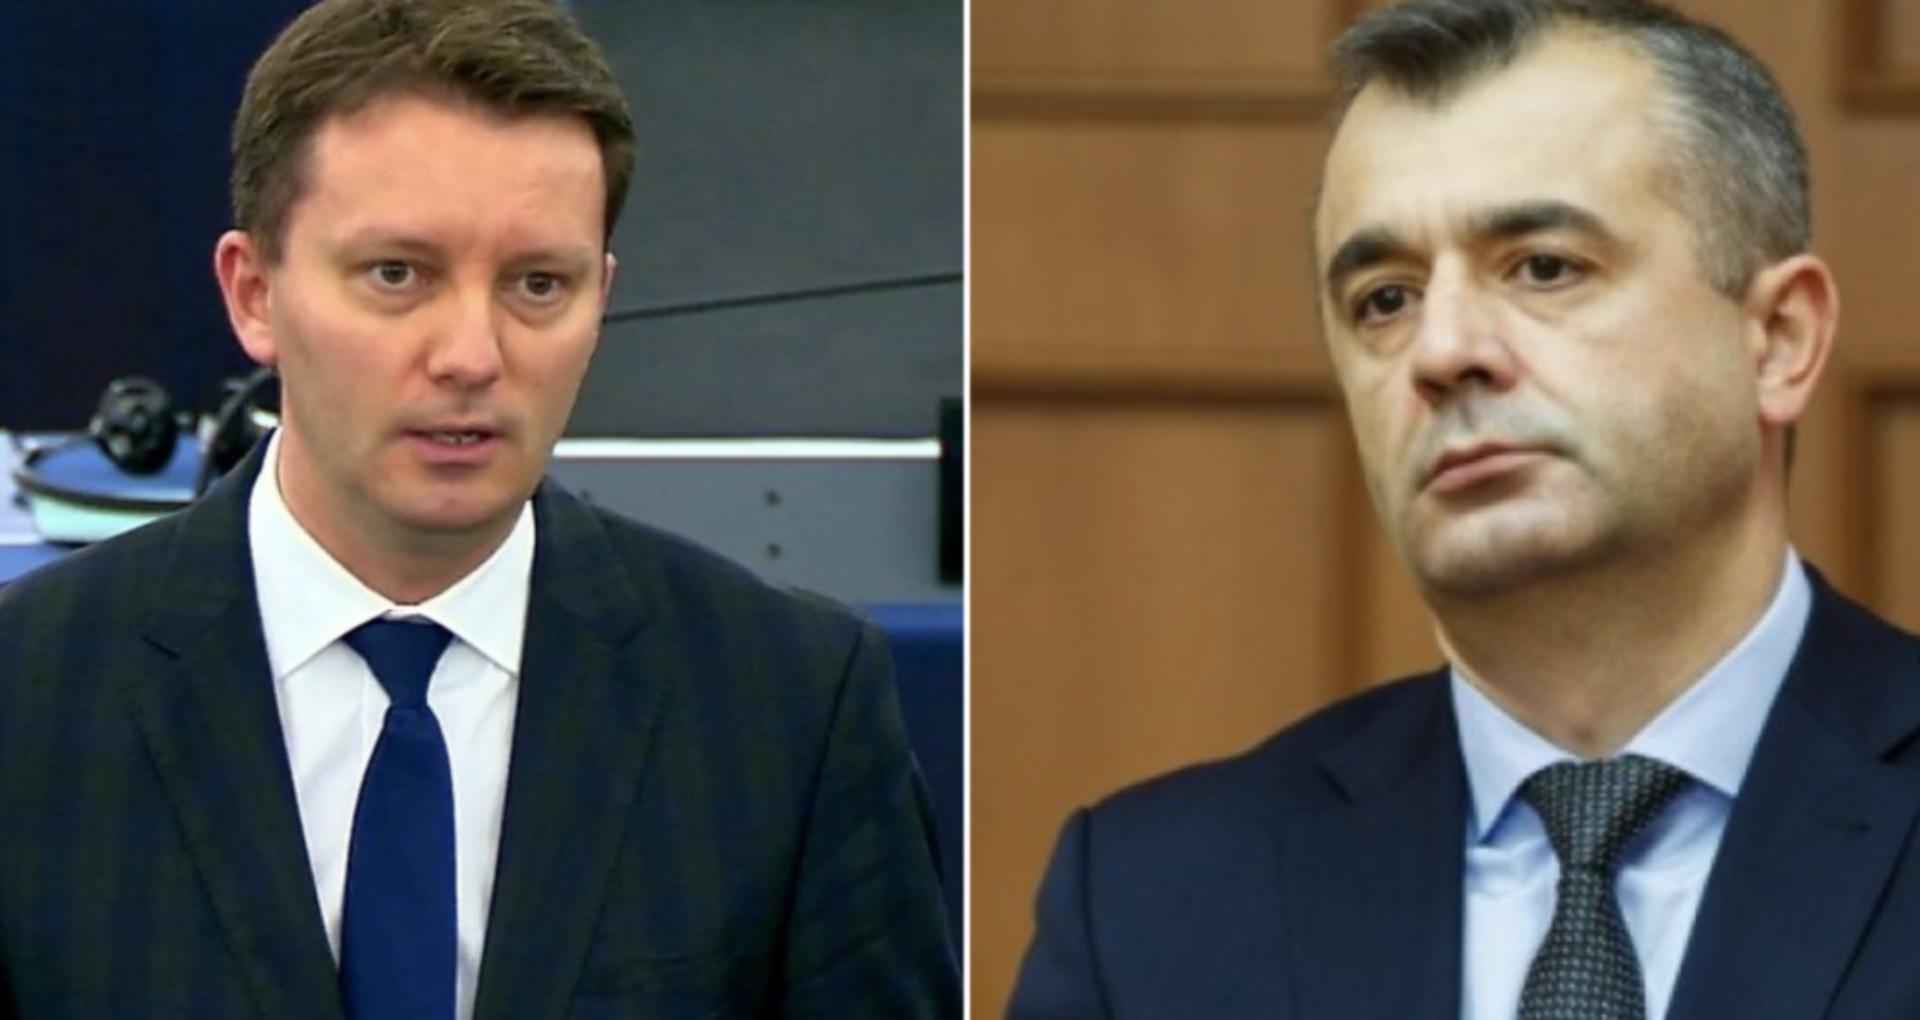 Siegfried Mureșan: Guvernul Republicii Moldova eșuează în gestionarea crizei COVID-19 fiindcă a eșuat și în implementarea reformelor. Reacția lui Ion Chicu